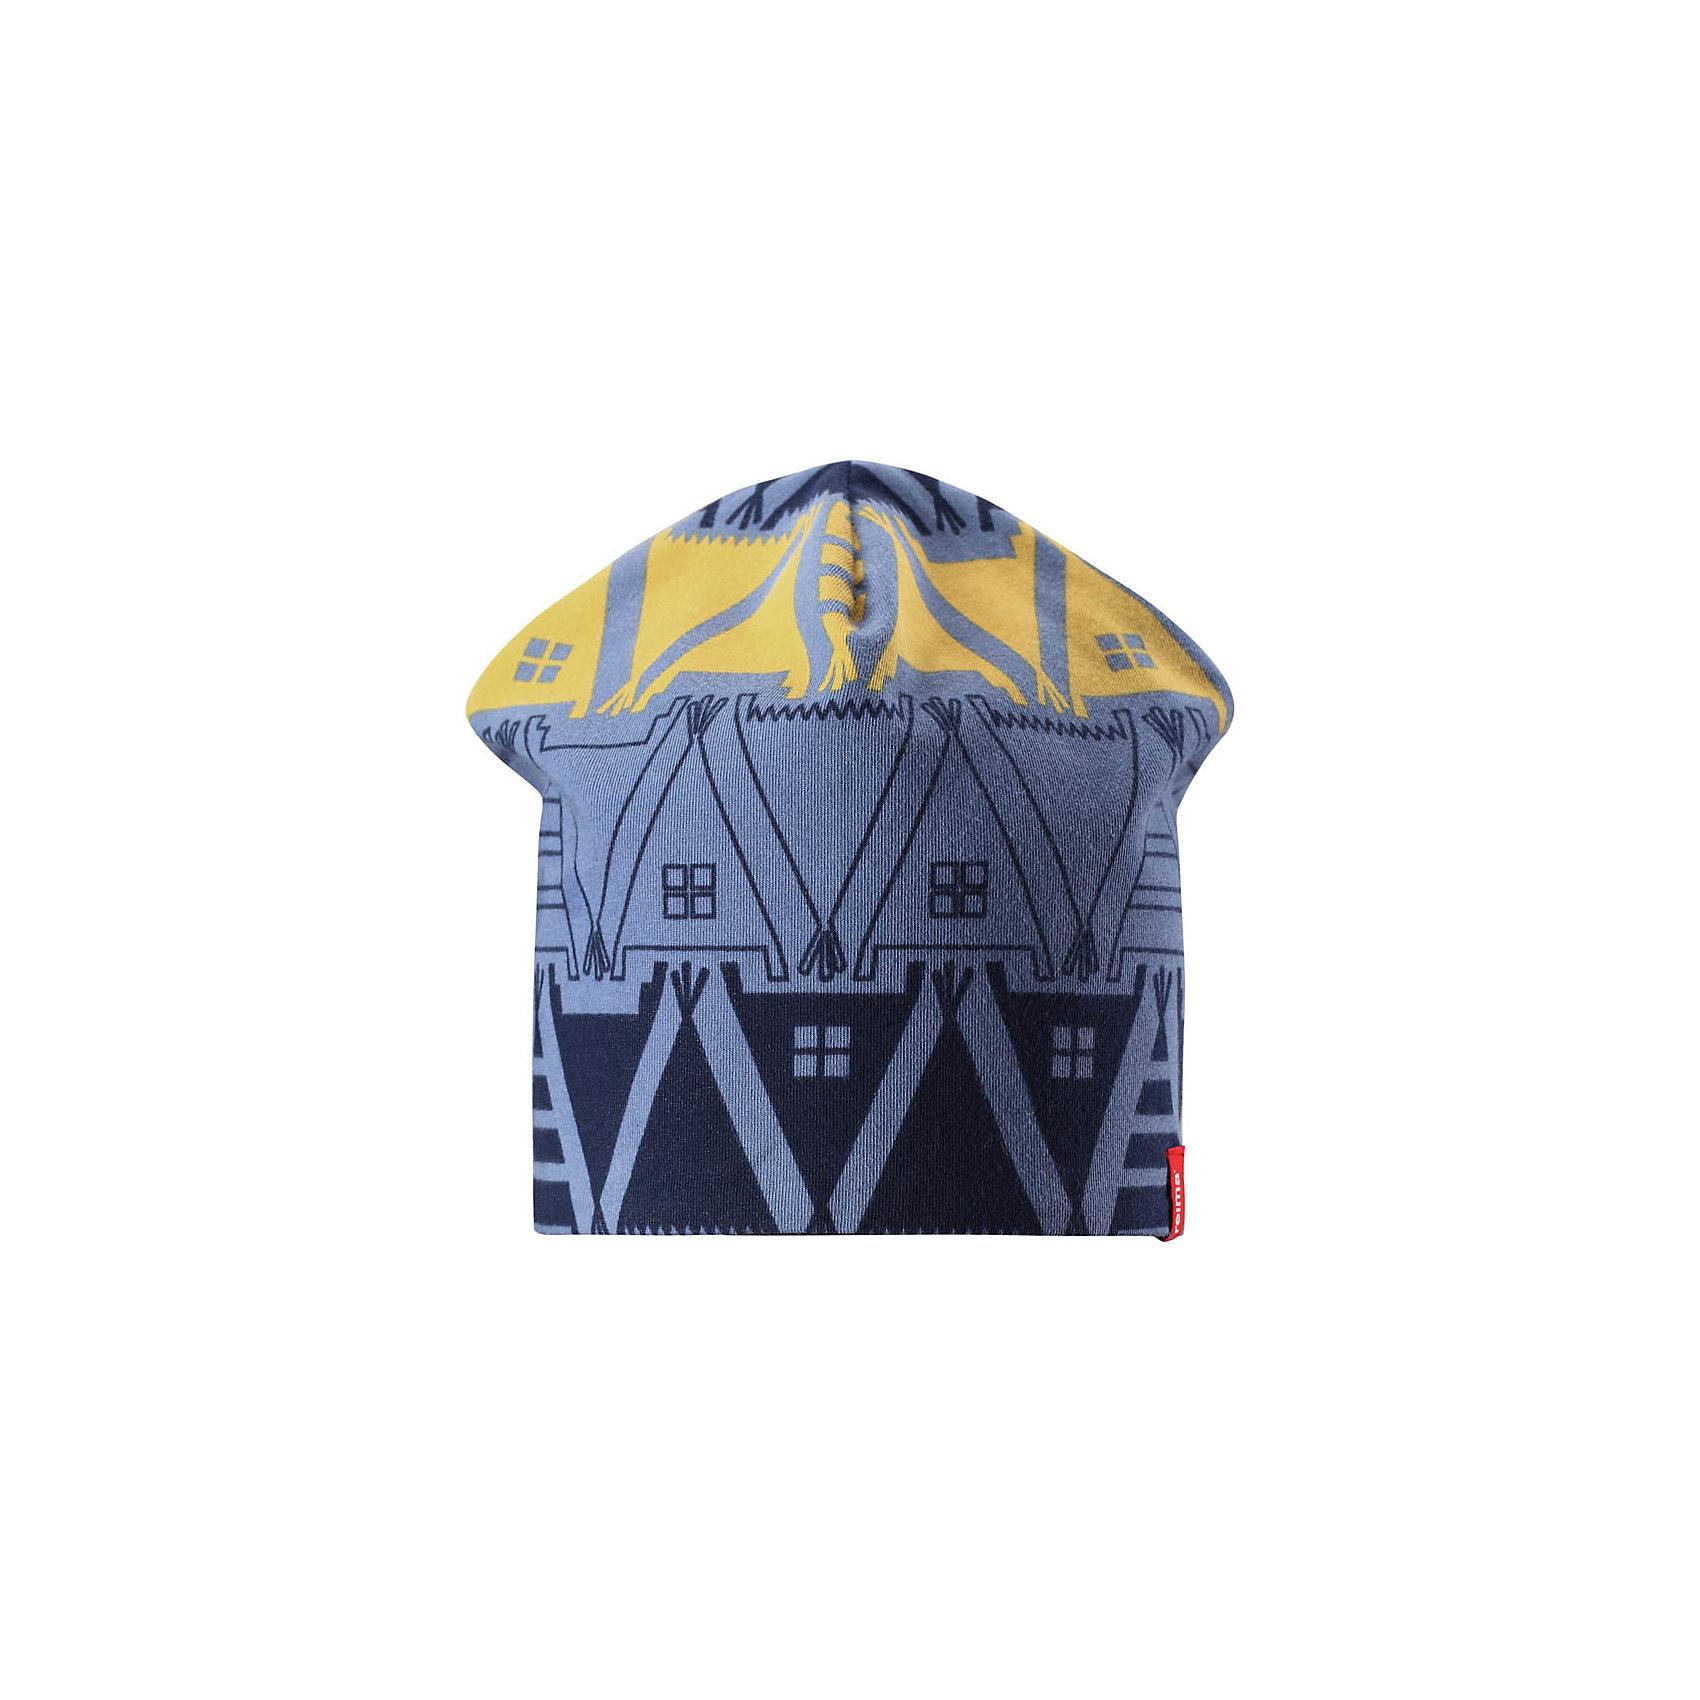 Шапка Reima HirviГоловные уборы<br>Характеристики товара:<br><br>• цвет: синий/темно-синий;<br>• состав: 61% хлопок, 33% полиэстер, 6% эластан;<br>• сезон: демисезон;<br>• температурный режим: от +5 до +15С;<br>• двухсторонняя шапка;<br>• быстросохнущий материал Play jersey, приятный на ощупь;<br>• выводит влагу наружу;<br>• мягкий хлопчатобумажный материал;<br>• фактор защиты от ультрафиолета 40+;<br>• сплошная подкладка: материал Play jersey;<br>• логотип Reima® сбоку;<br>• страна бренда: Финляндия;<br>• страна изготовитель: Китай.<br><br>Легкая двусторонняя шапка для малышей и детей постарше свежей расцветки с УФ-защитой 40+. Шапка изготовлена из дышащего и быстросохнущего материла Play Jersey®, эффективно выводящего влагу с кожи. Озорная двухсторонняя шапка меняет цвет в одно мгновение.<br><br>Шапку Hirvi Reima от финского бренда Reima (Рейма) можно купить в нашем интернет-магазине.<br><br>Ширина мм: 89<br>Глубина мм: 117<br>Высота мм: 44<br>Вес г: 155<br>Цвет: синий<br>Возраст от месяцев: 72<br>Возраст до месяцев: 84<br>Пол: Унисекс<br>Возраст: Детский<br>Размер: 54-56,50-52<br>SKU: 6902486